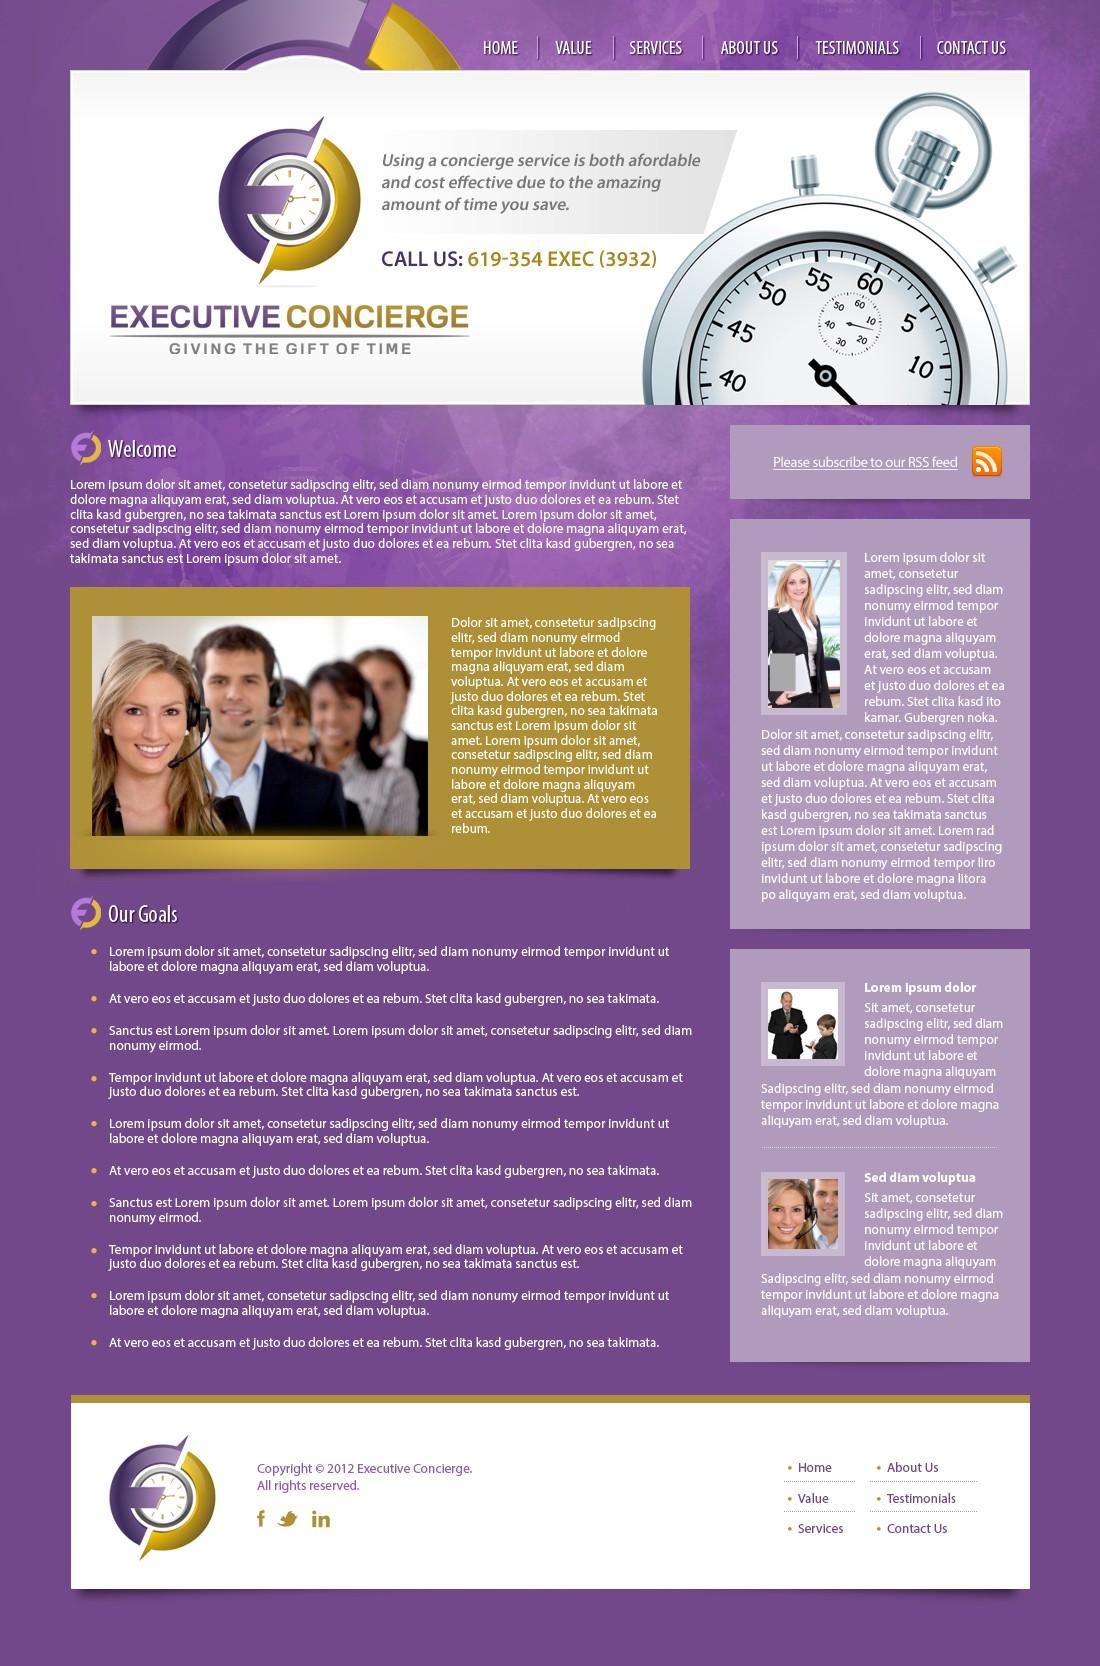 website design for www.executivepro.com